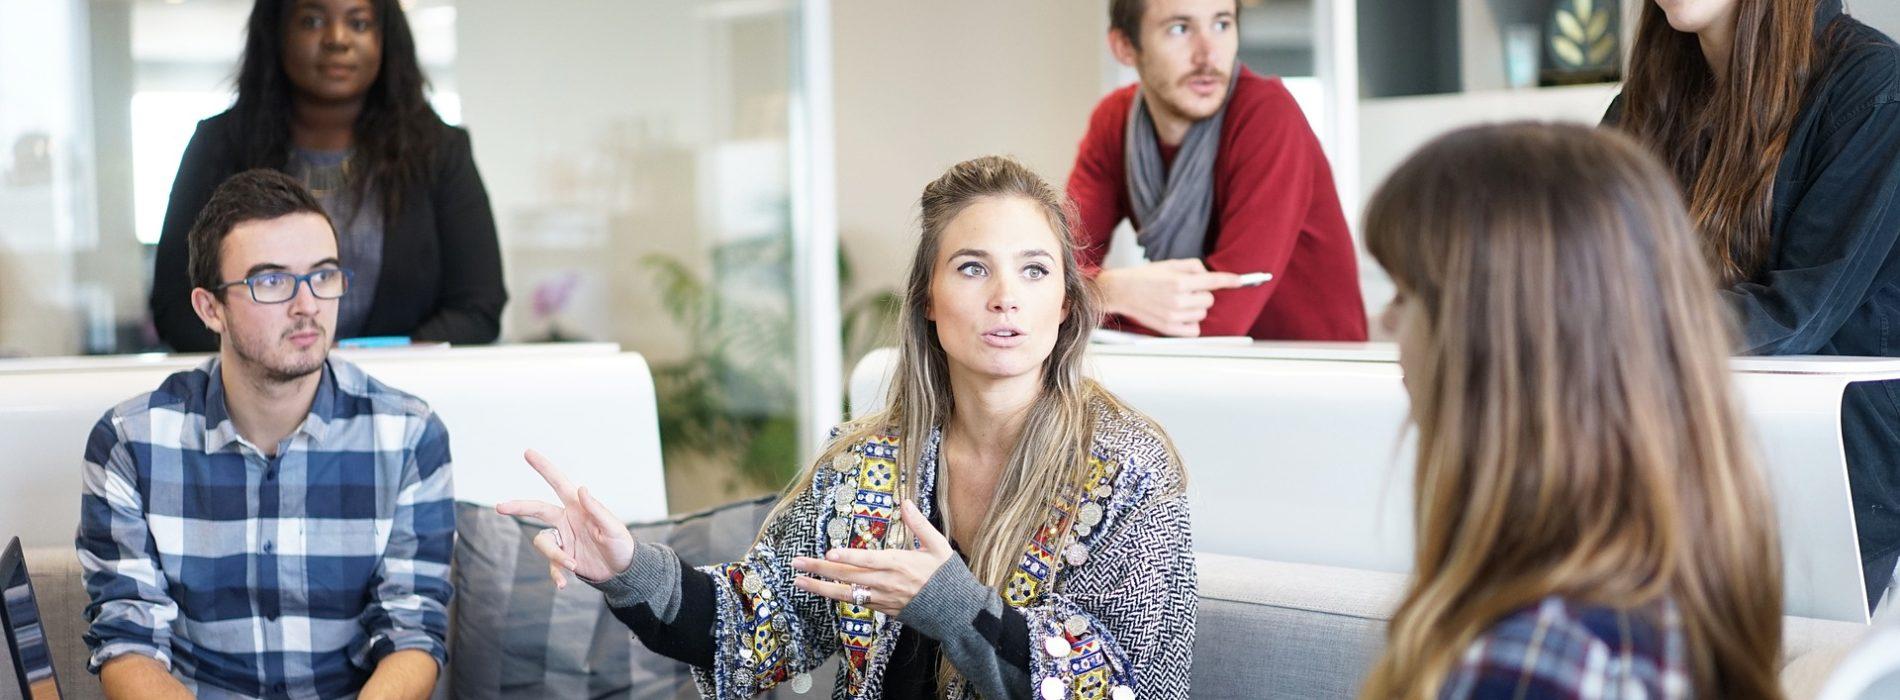 Ulotki reklamowe – jak je wymyślać i gdzie zamawiać?